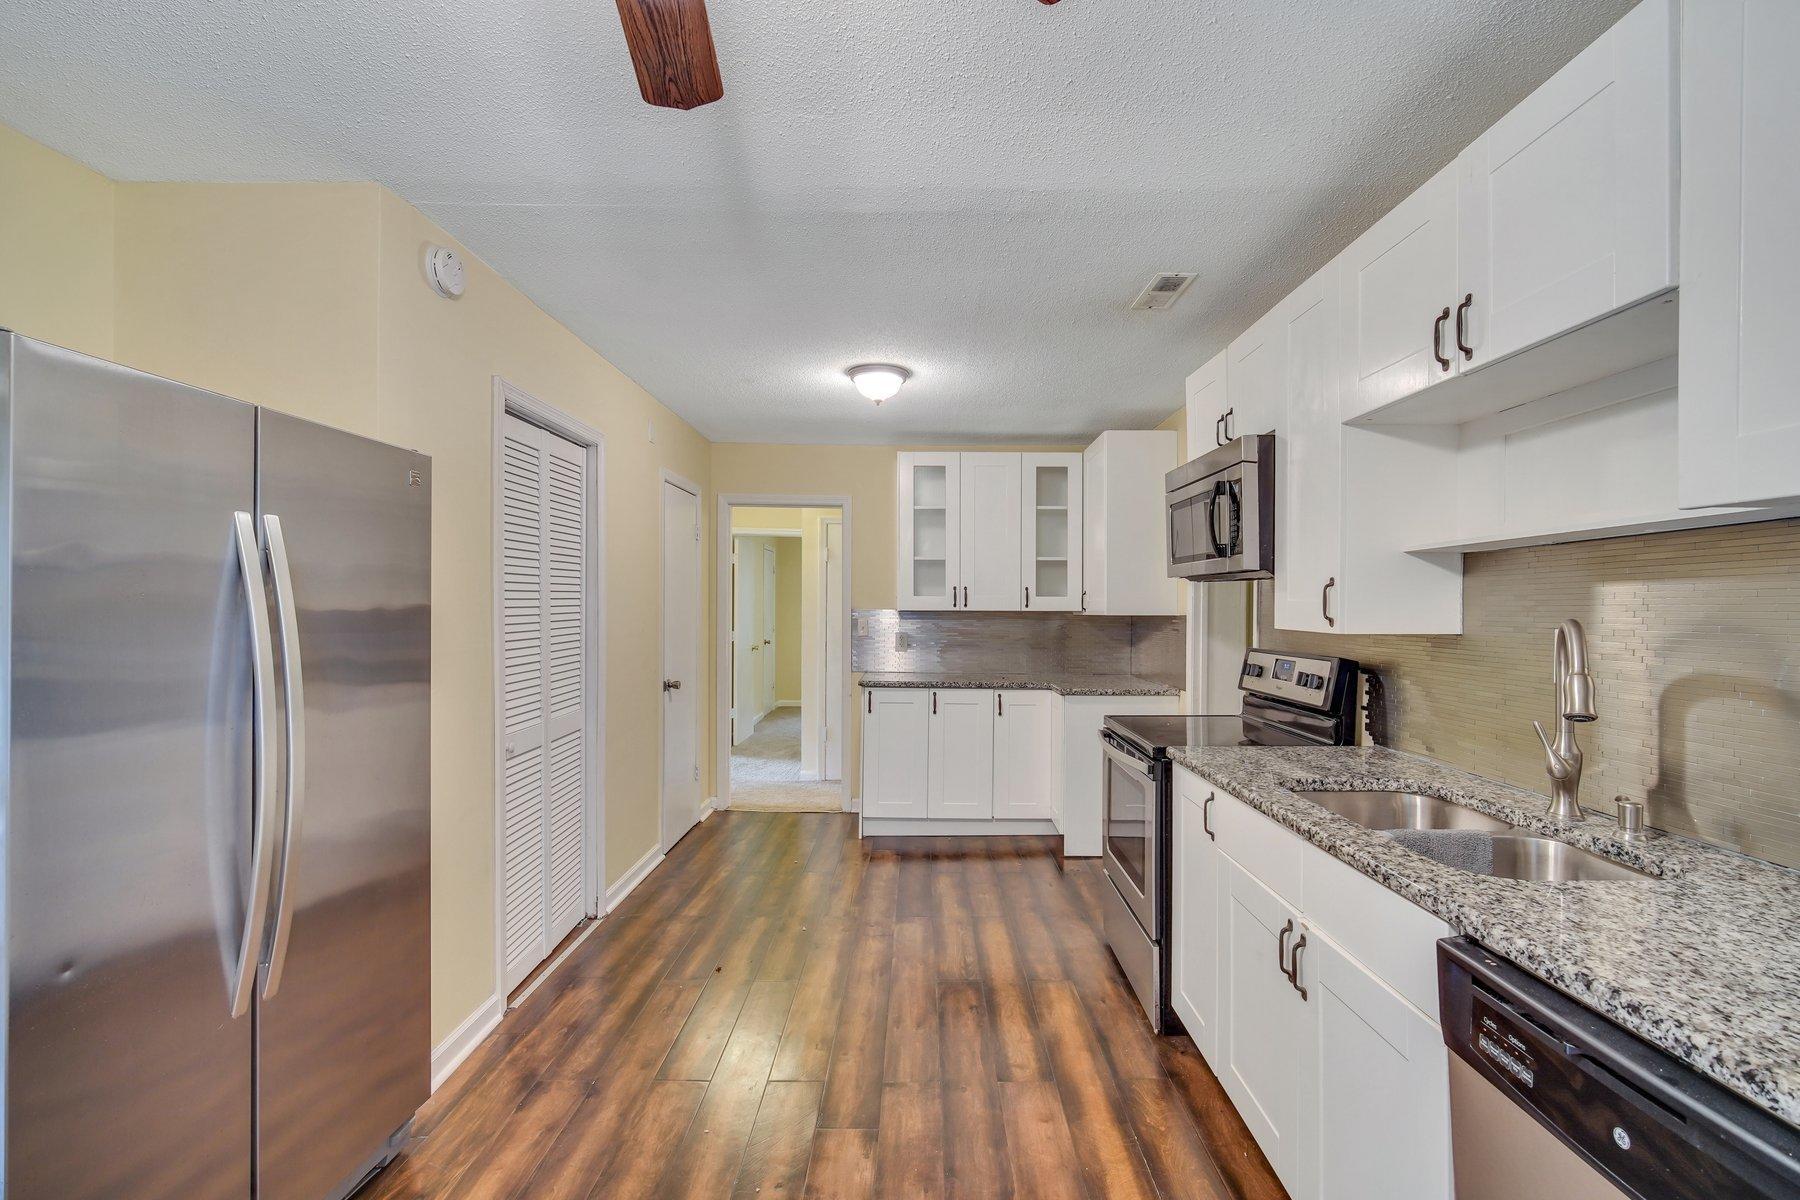 Boulder Bluff Homes For Sale - 428 Annette, Goose Creek, SC - 21